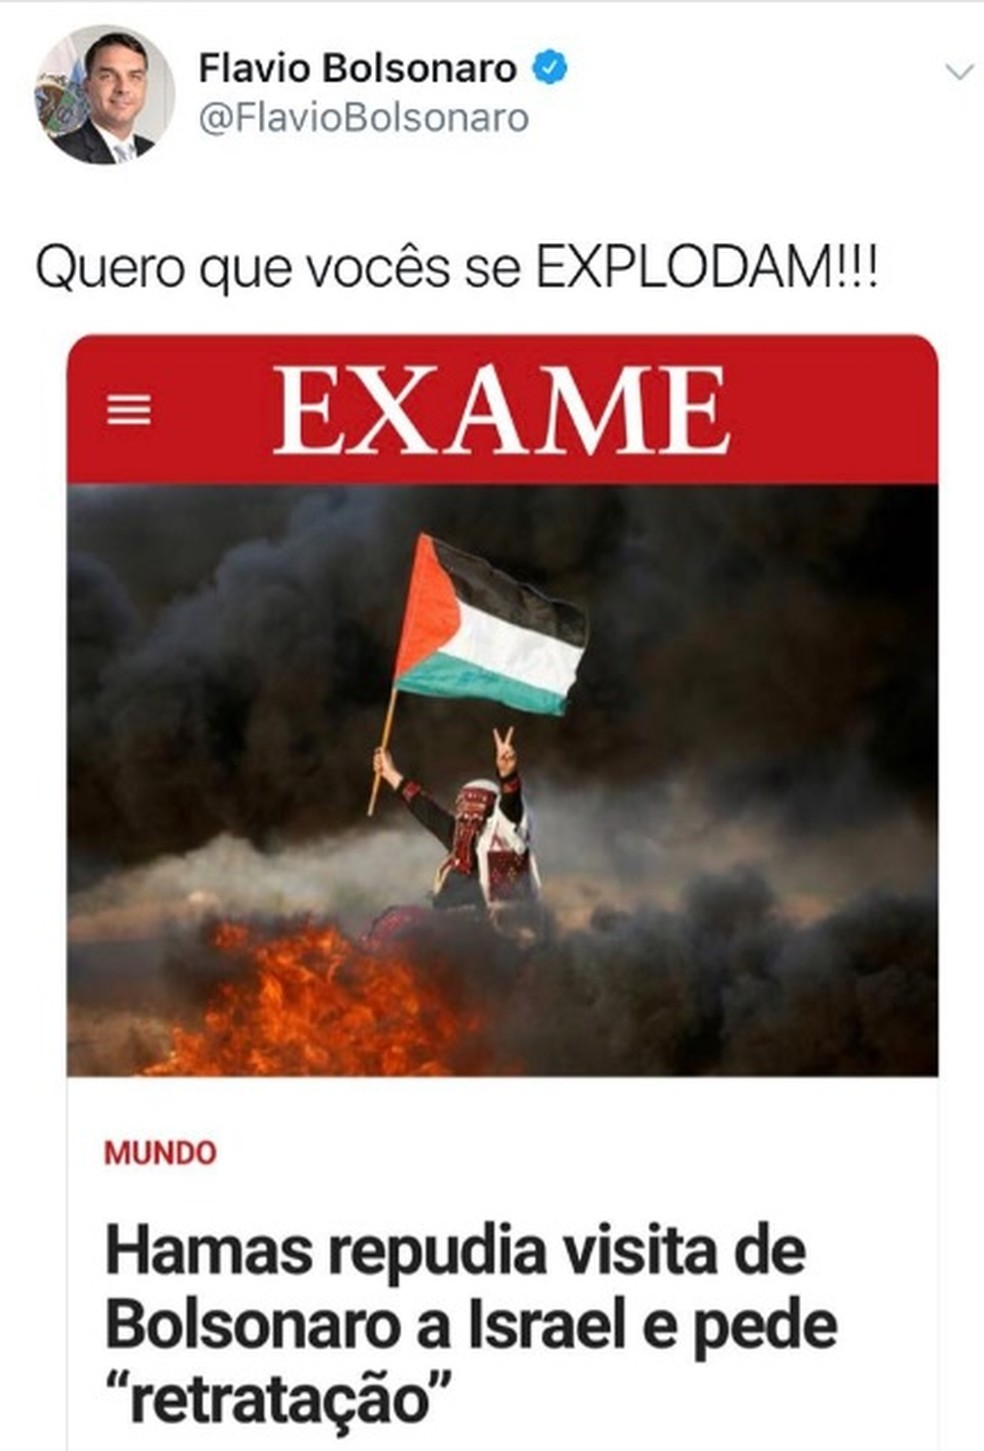 Mensagem publicada pelo senador Flavio Bolsonaro (PSL-RJ) — Foto: Reprodução/redes sociais